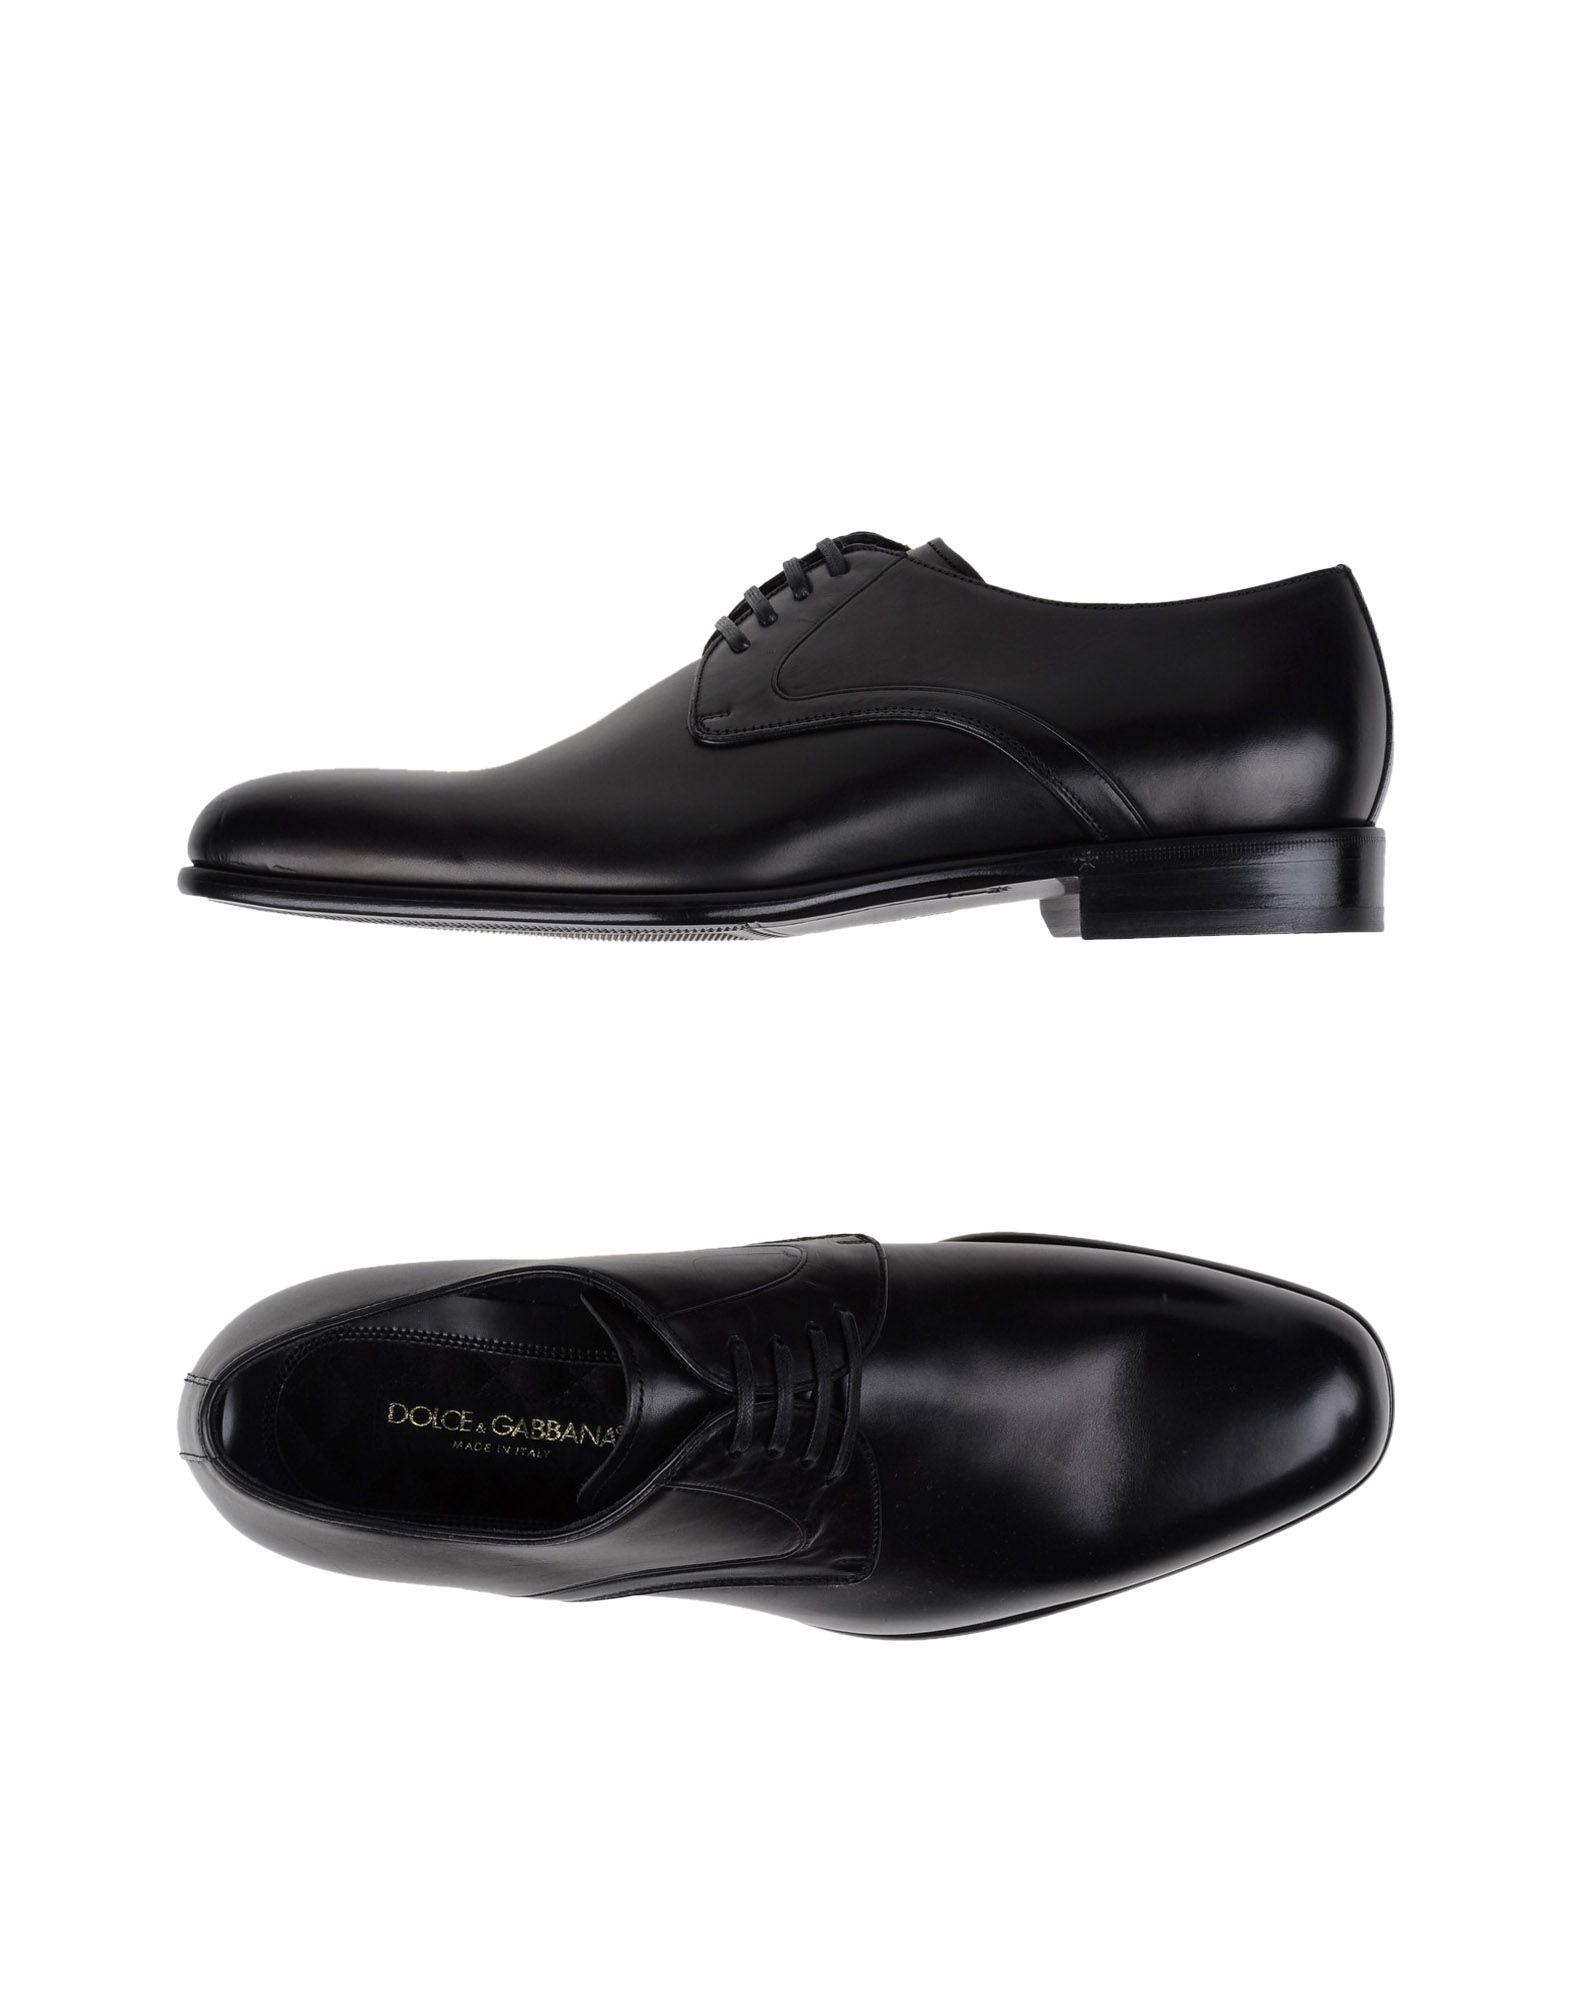 Dolce & Gabbana Schnürschuhe Herren  11115108JO Gute Qualität beliebte Schuhe